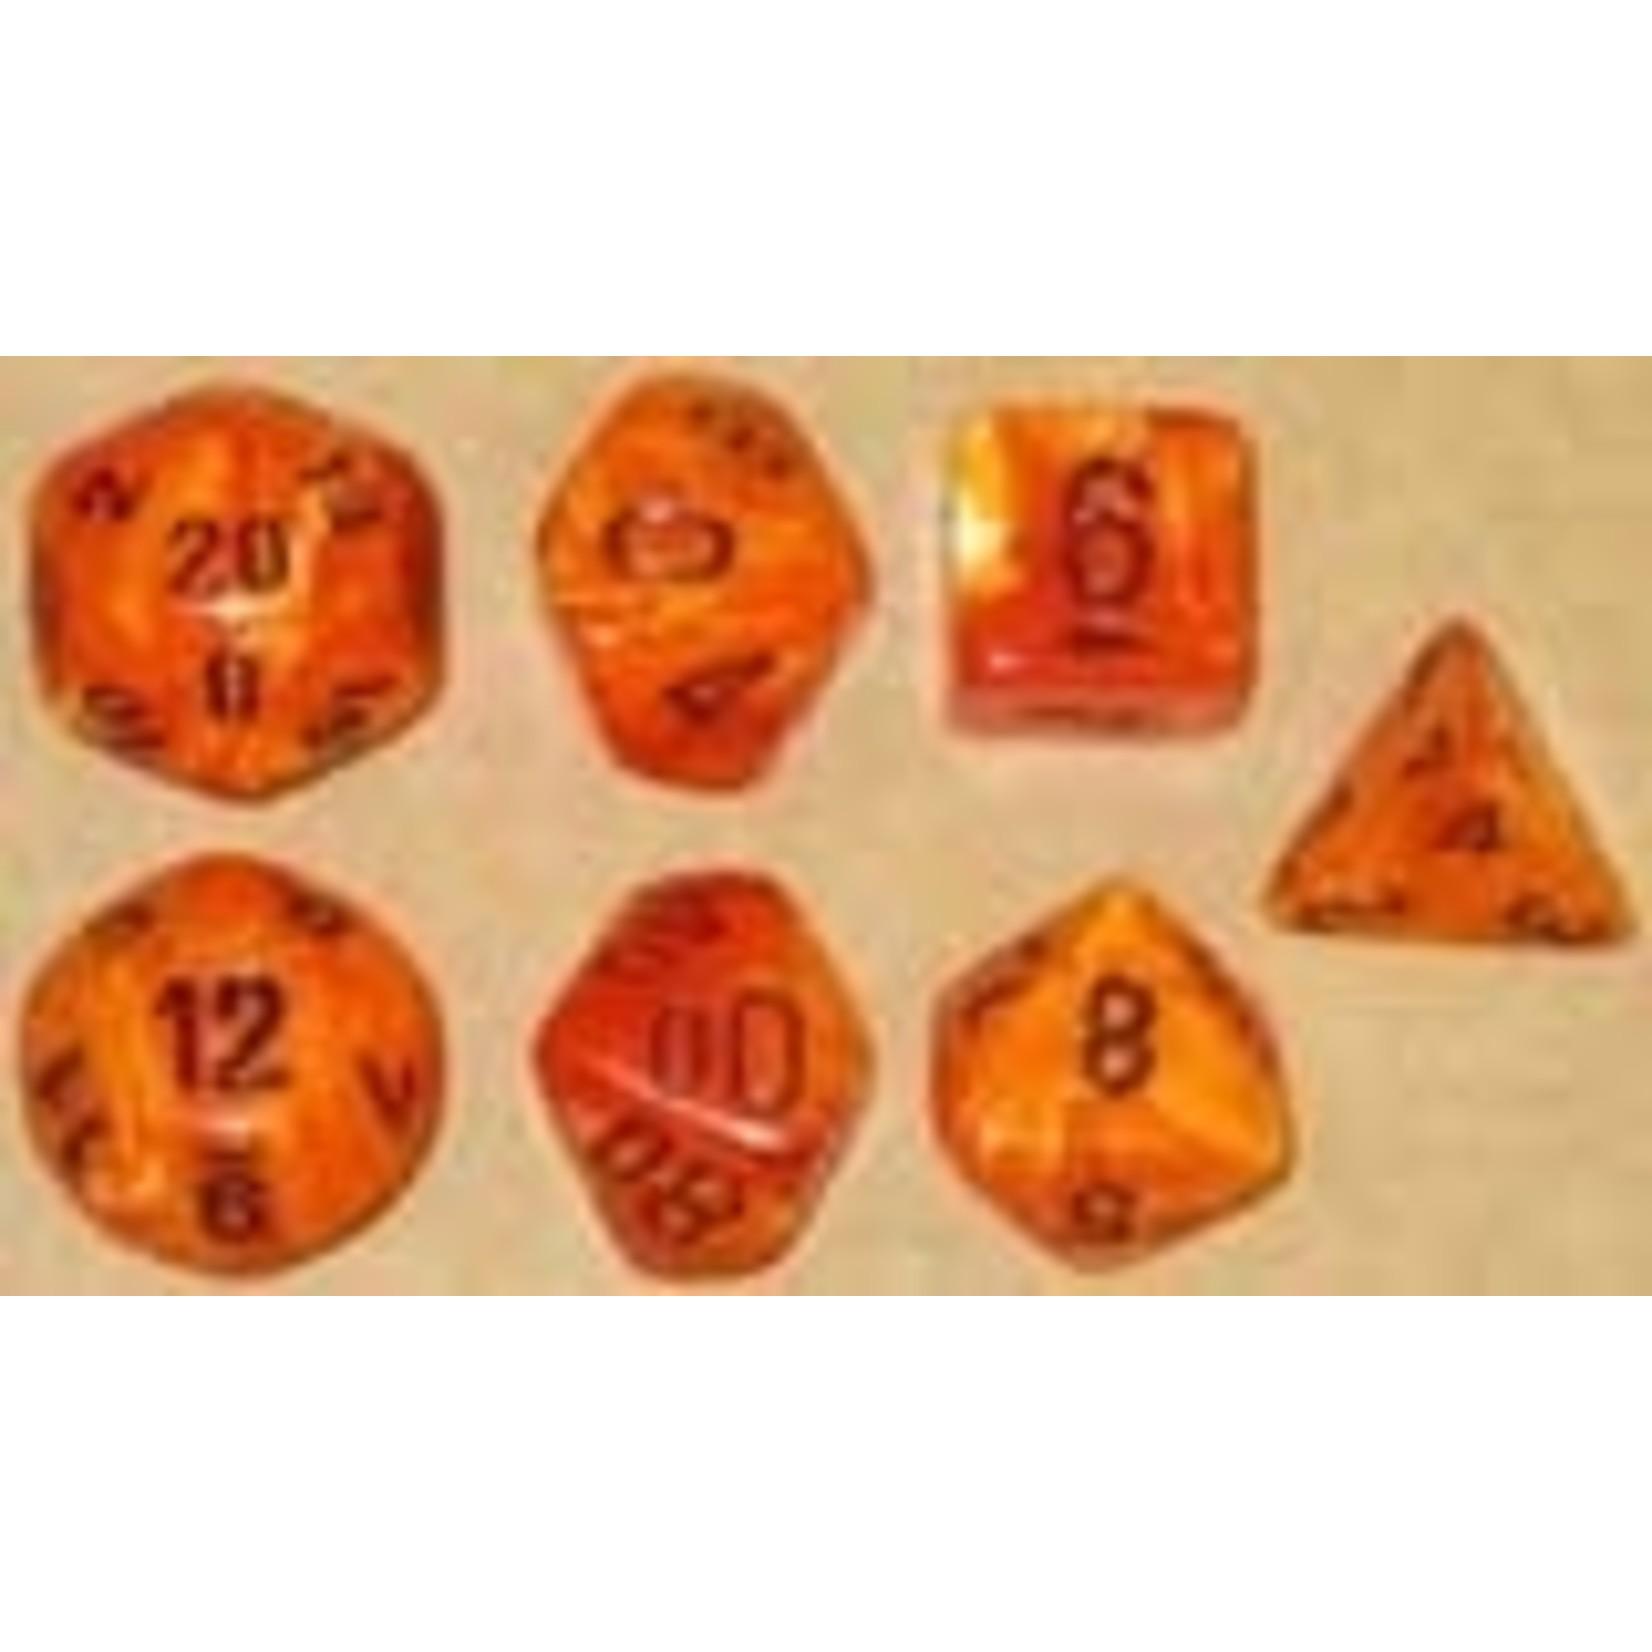 Chessex Set 7D Poly Vortex Orange/Black